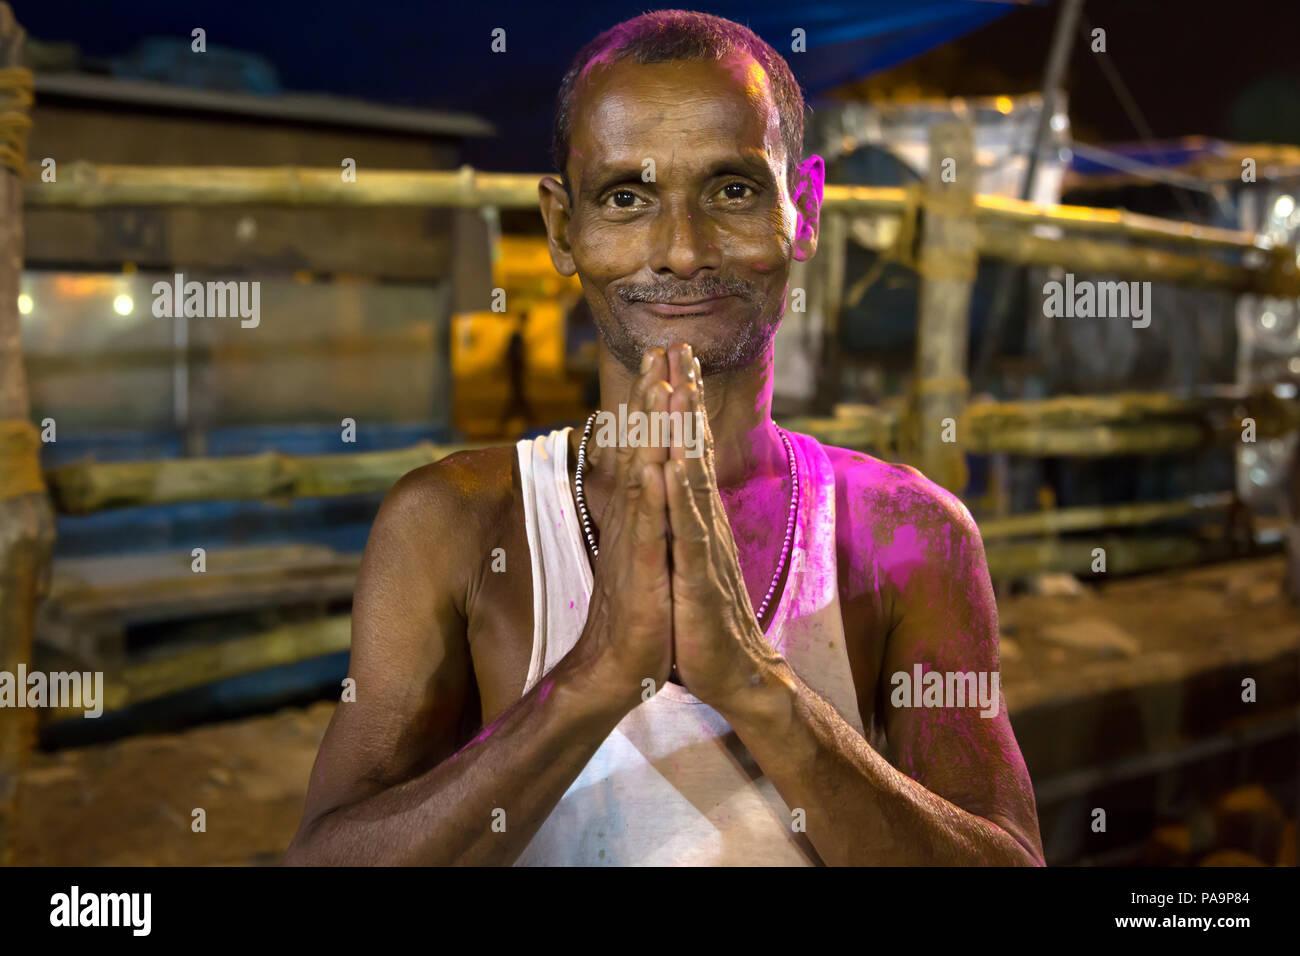 L'homme hindou de joindre les mains pendant la nuit célébration Durga puja à Calcutta, Inde Photo Stock